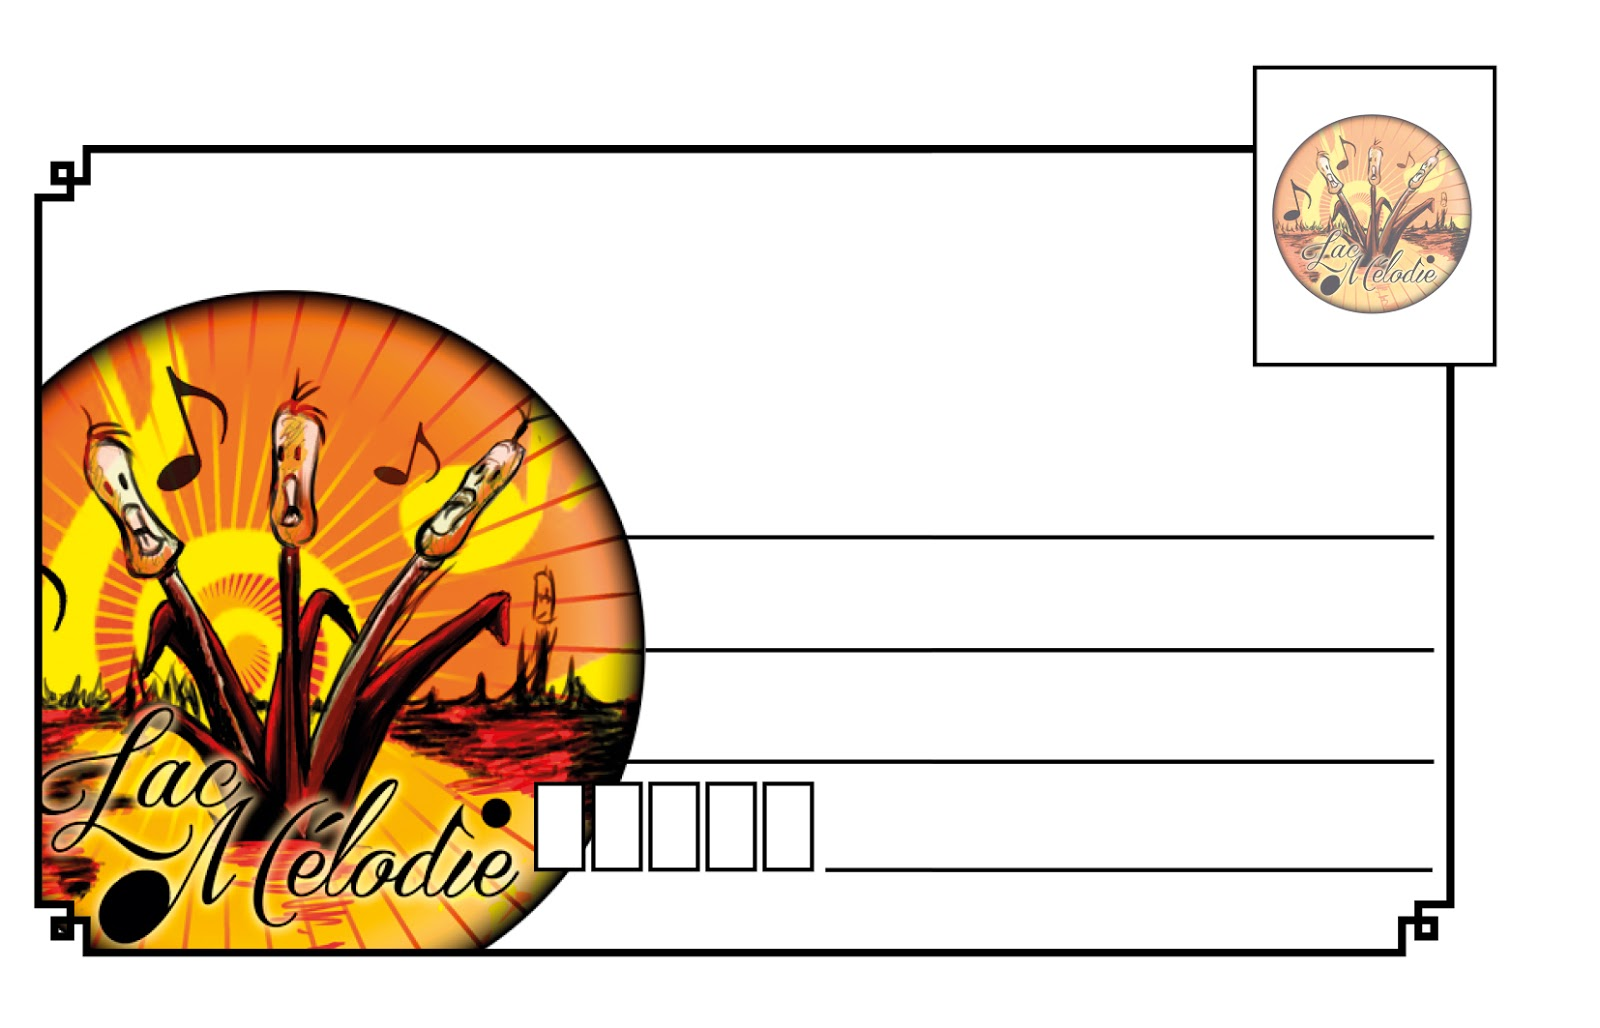 Proposition De Badge Carte Visite Pour Une Chorale Lac Melodie